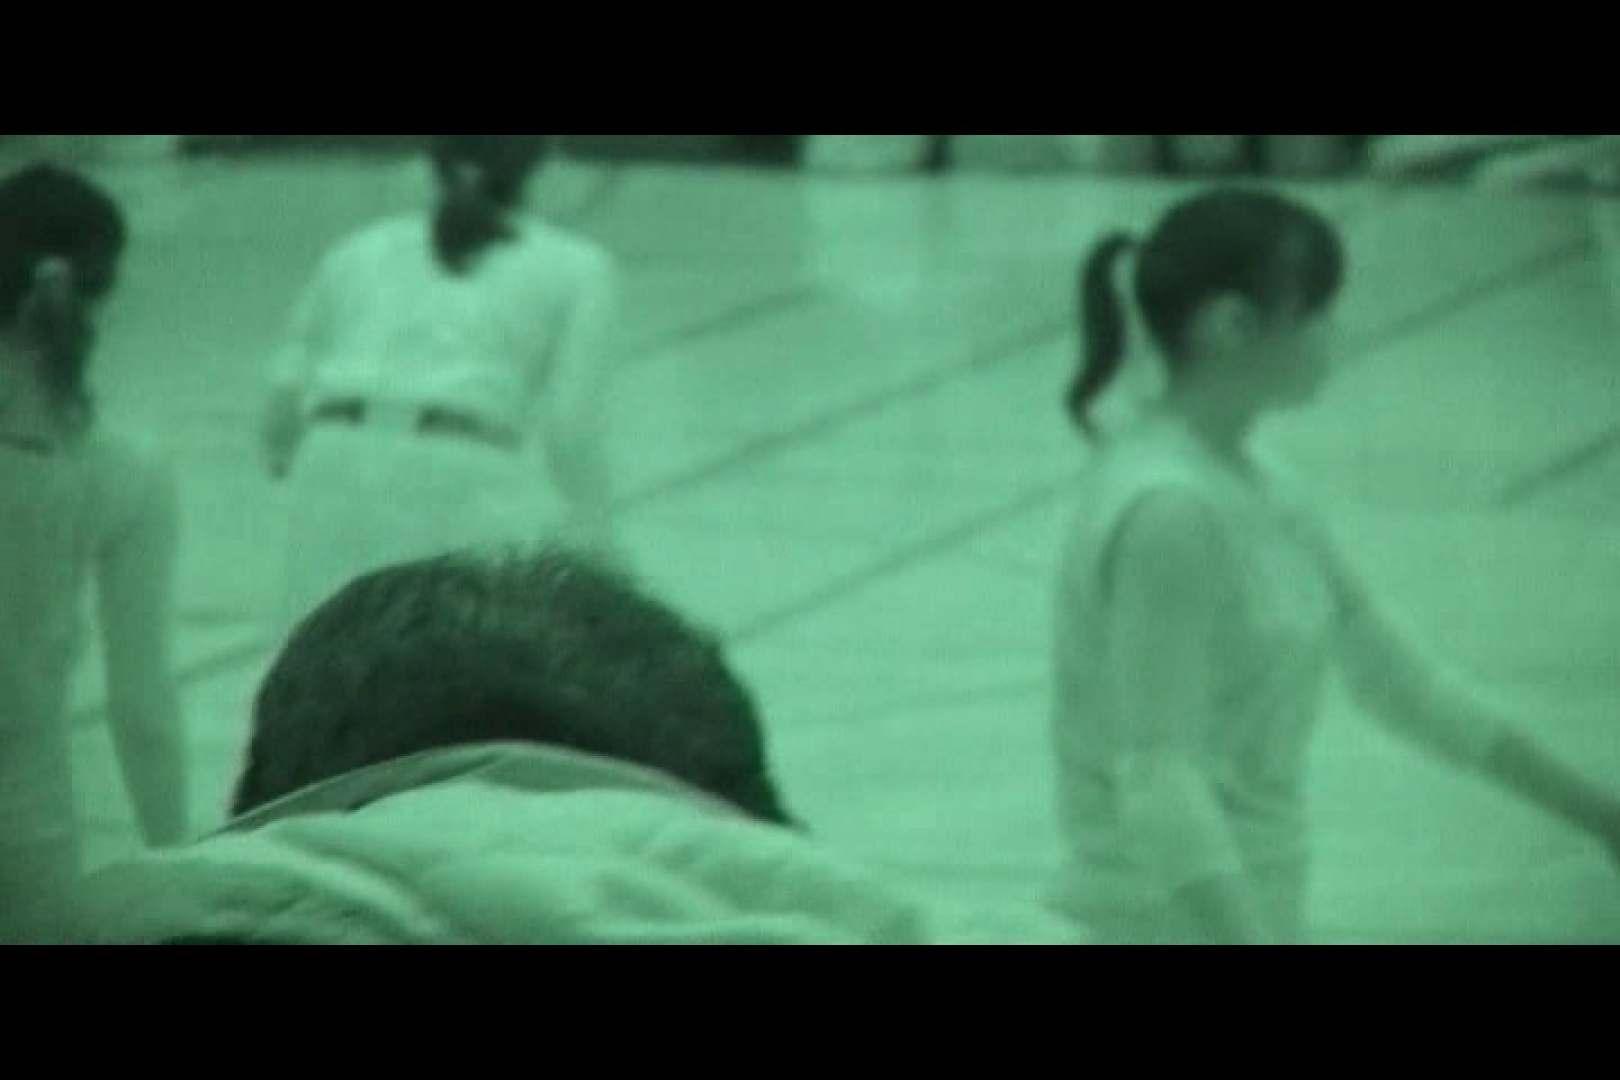 赤外線ムレスケバレー(汗) vol.03 赤外線  53画像 45